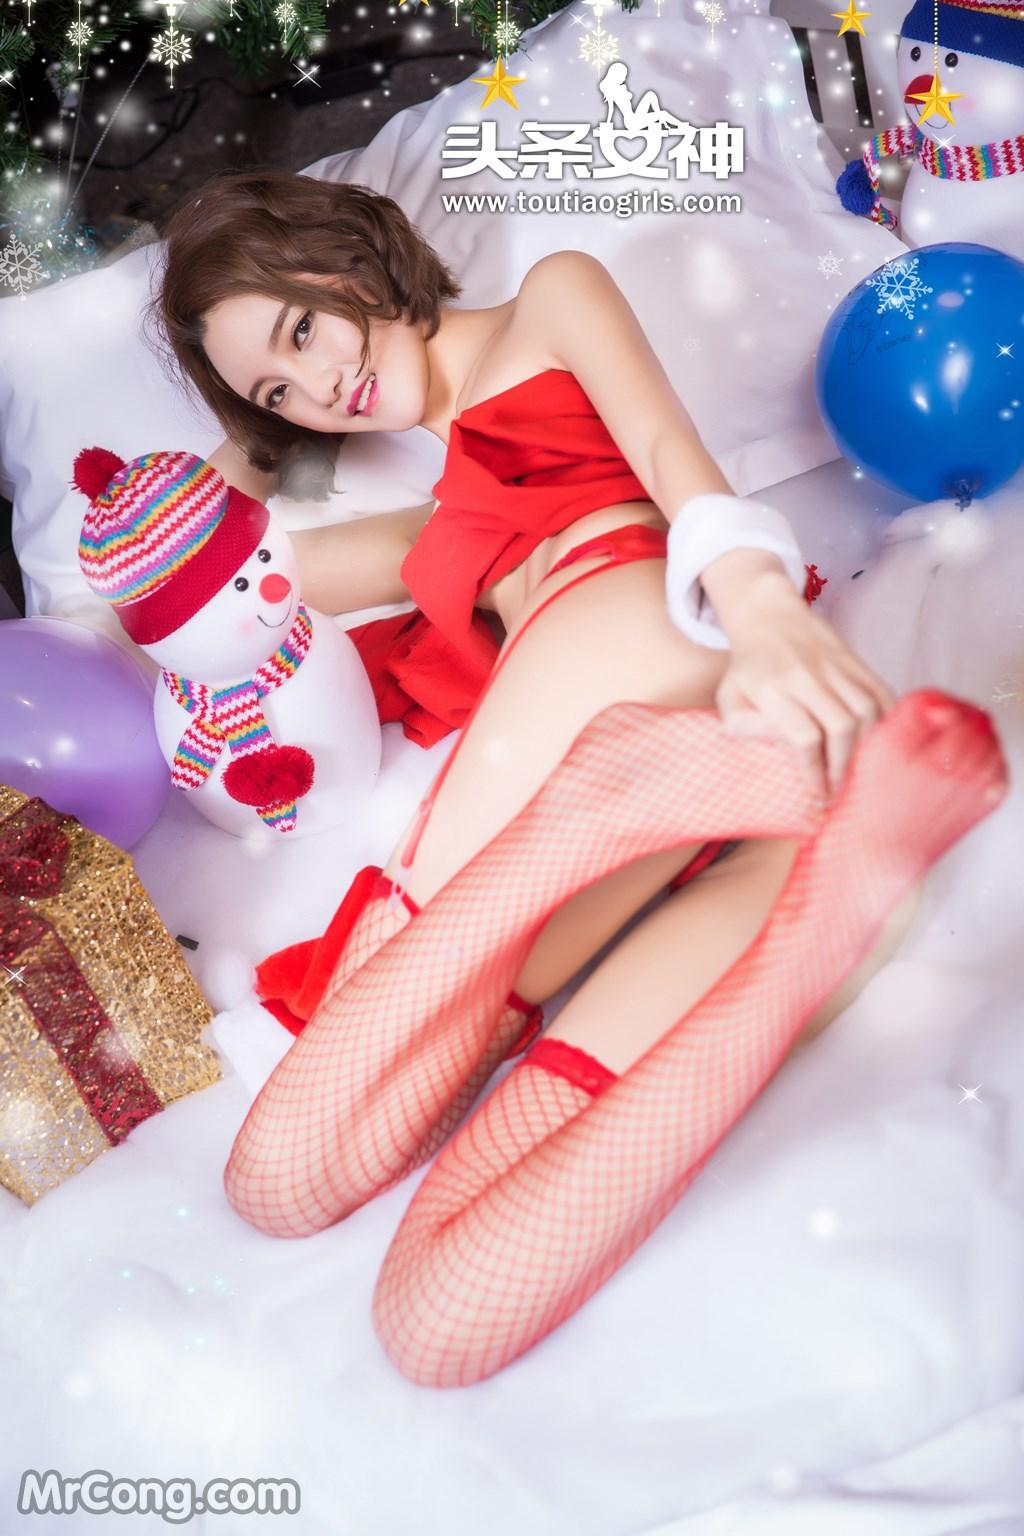 Image MrCong.com-TouTiao-2016-12-24-Wen-Xue-037 in post TouTiao 2016-12-24: Người mẫu Wen Xue (文雪) (38 ảnh)